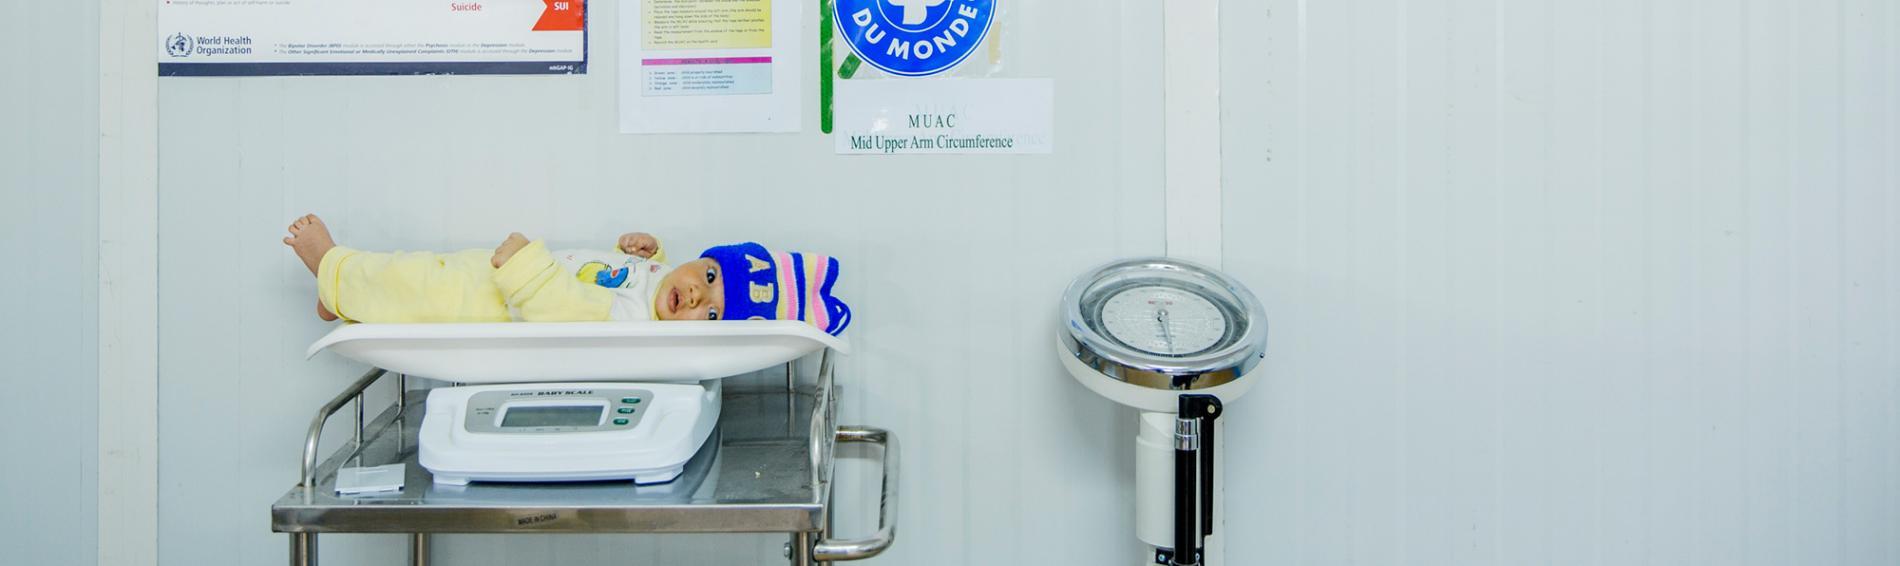 Ärzte der Welt hat Gesundheitszentren in den Lagern von Ramtha und Zaatari mit Medikamenten ausgestattet. Foto: Thierry Bois